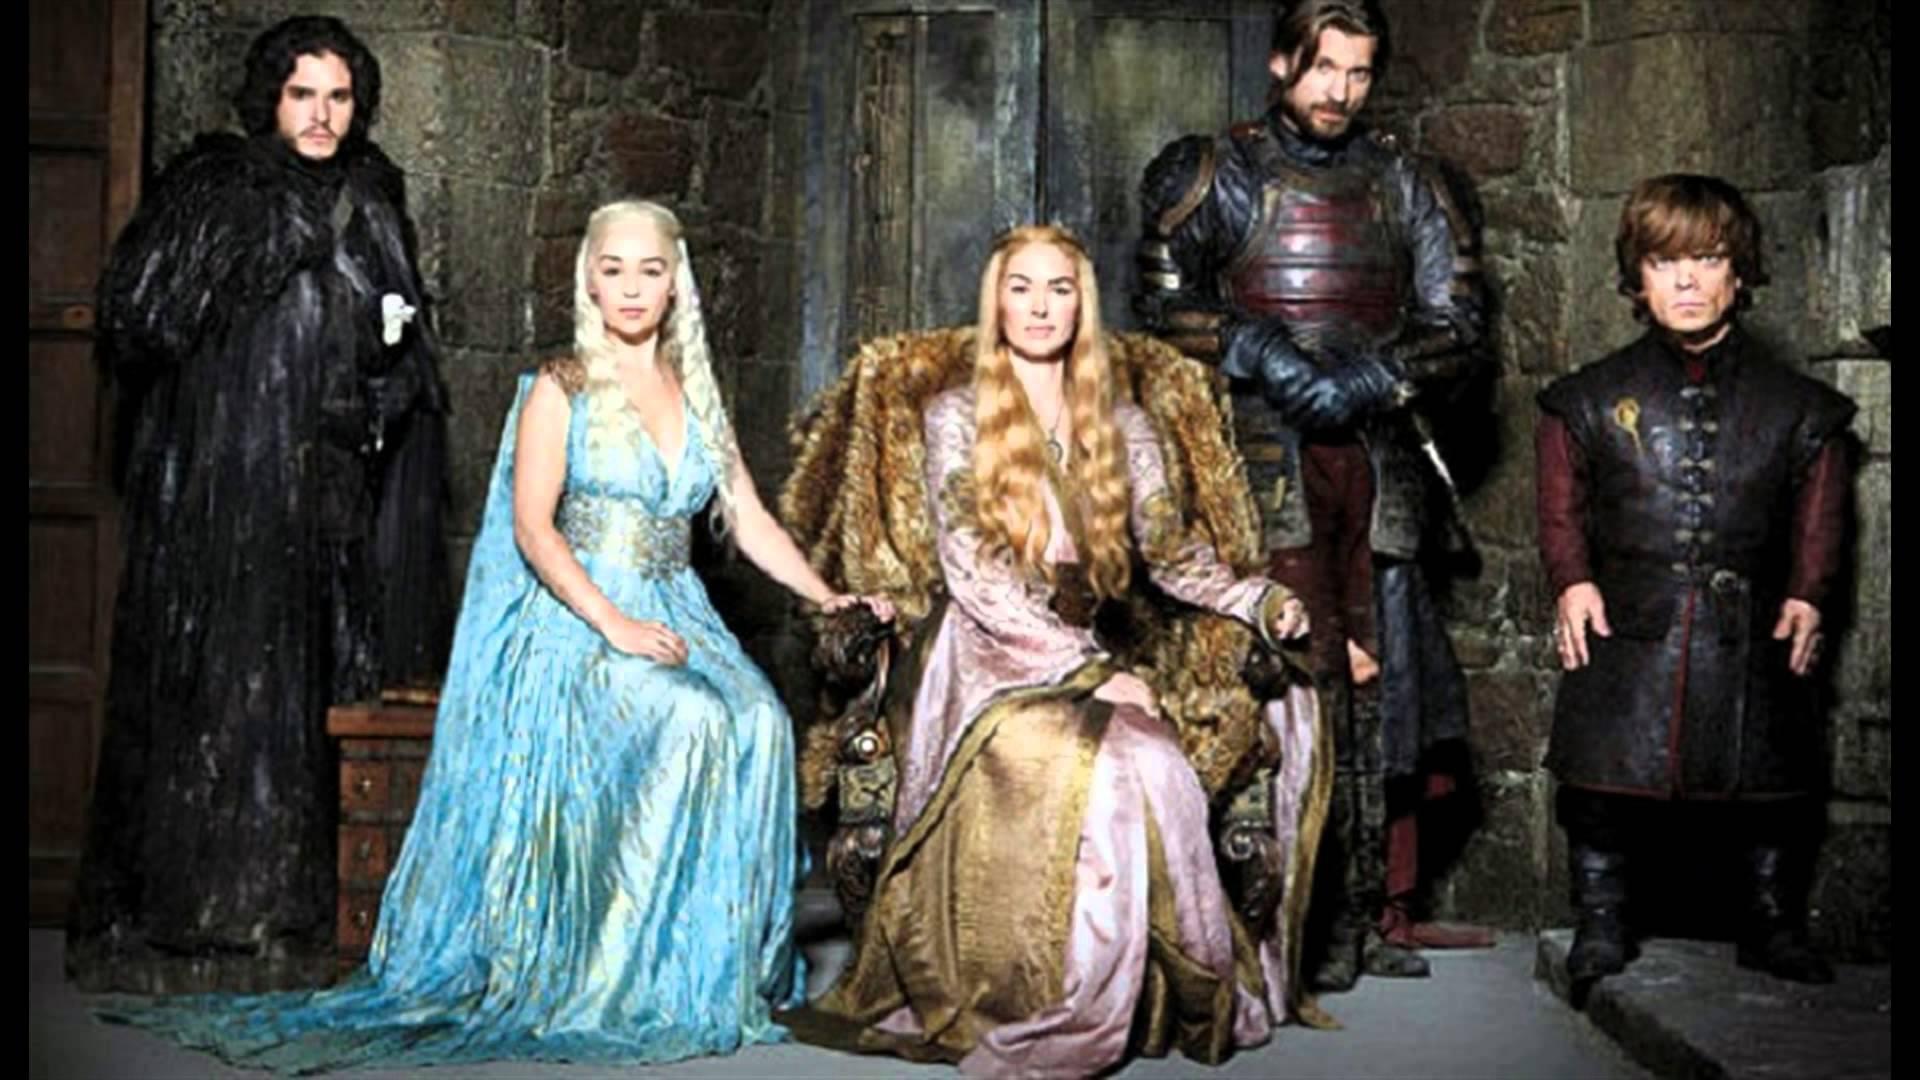 Игра престолов 6 сезон (2016) скачать торрент все серии lostfilm.